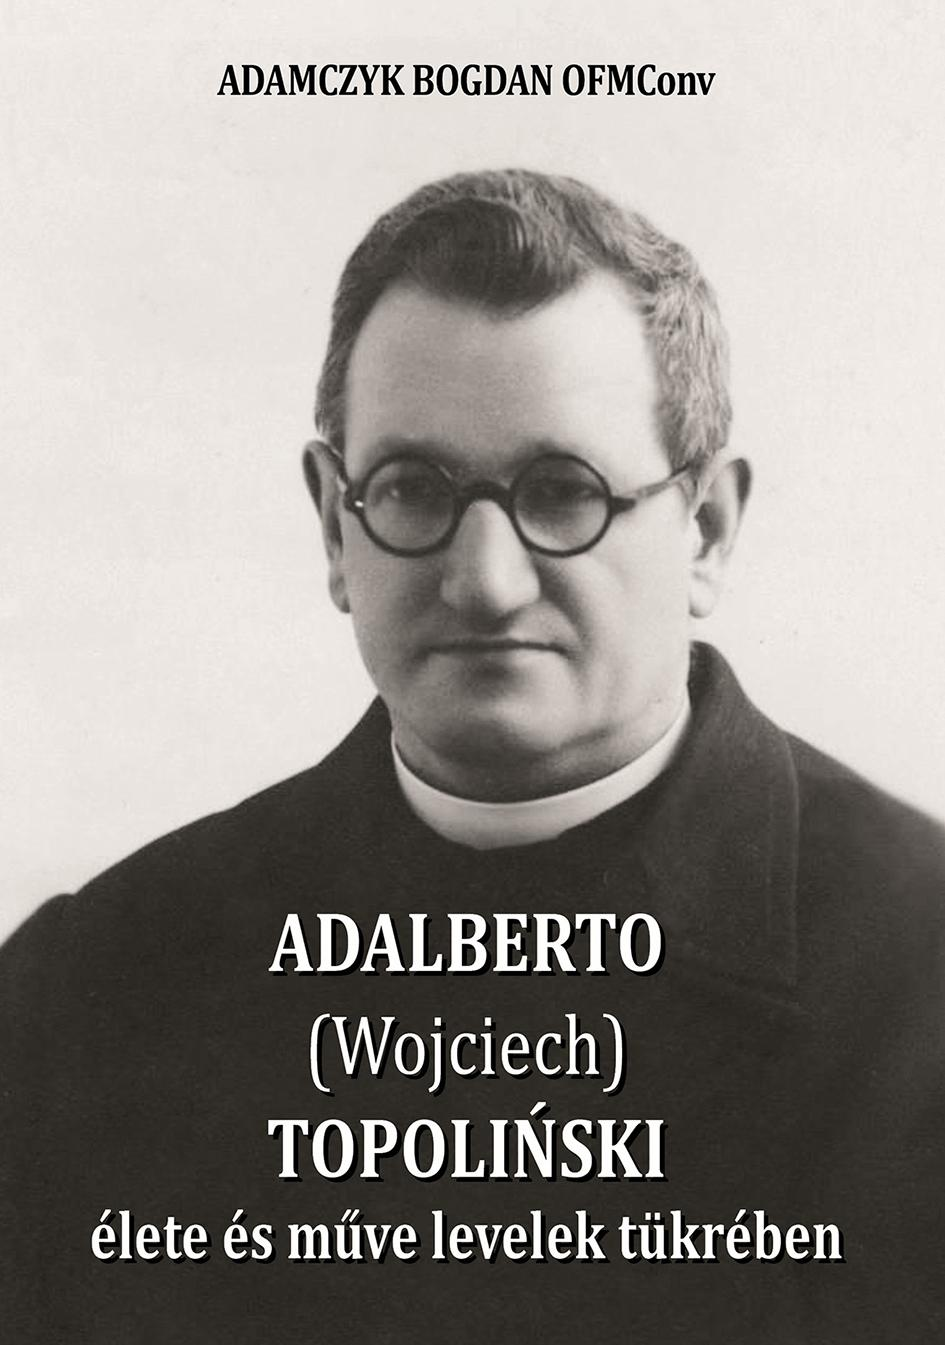 ADALBERTO (WOJCIECH) TOPOLIÑSKI ÉLETE ÉS MÛVE LEVELEK TÜKRÉBEN